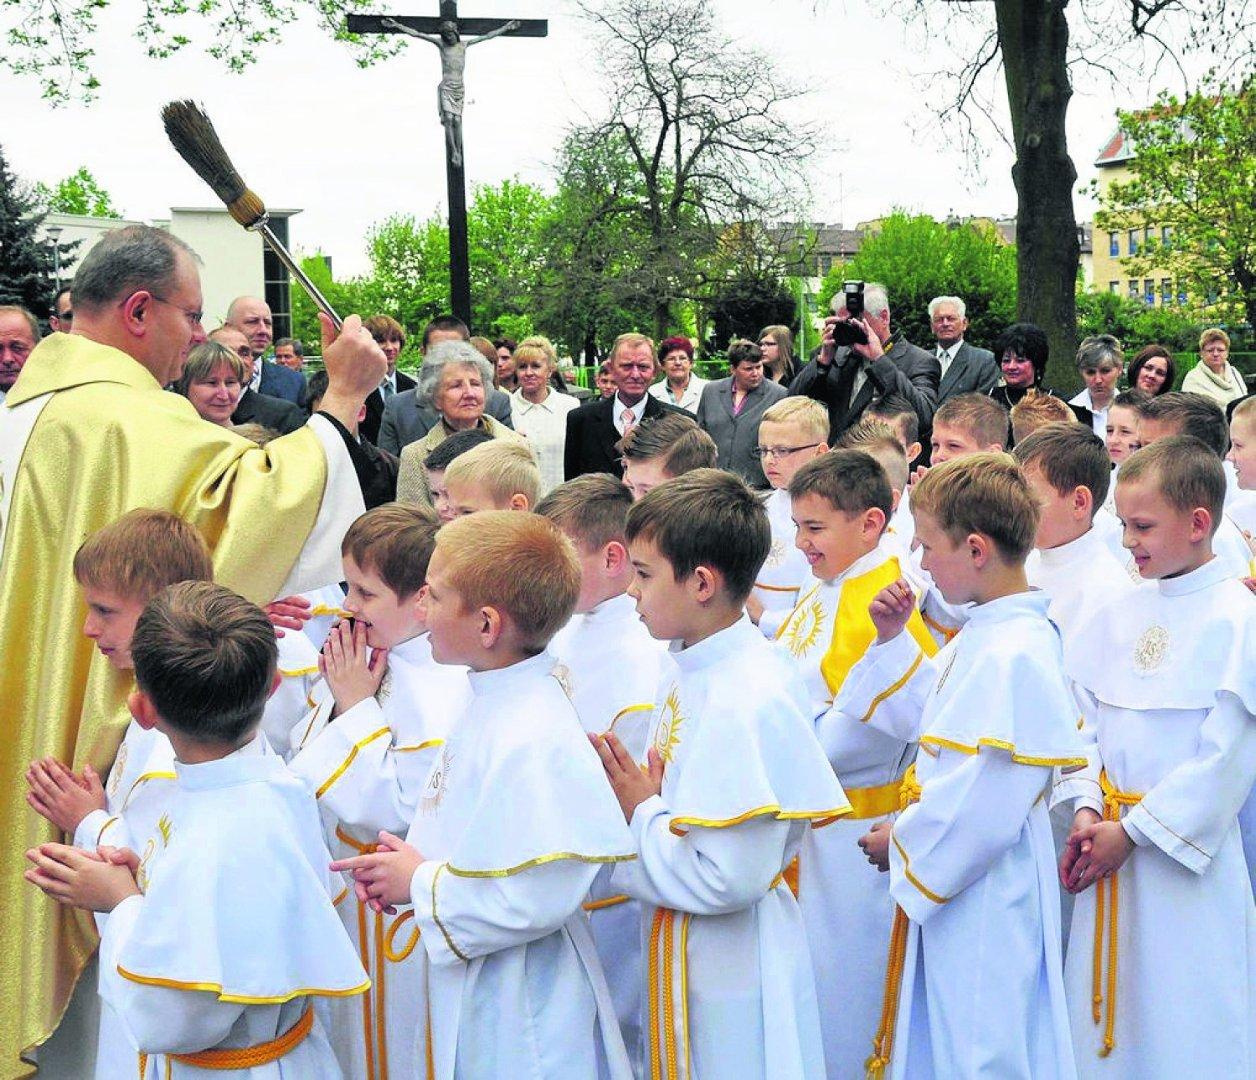 b63a7b83fa Sakramentowi Pierwszej komunii świętej coraz częściej towarzyszą  uroczystości rodzinne